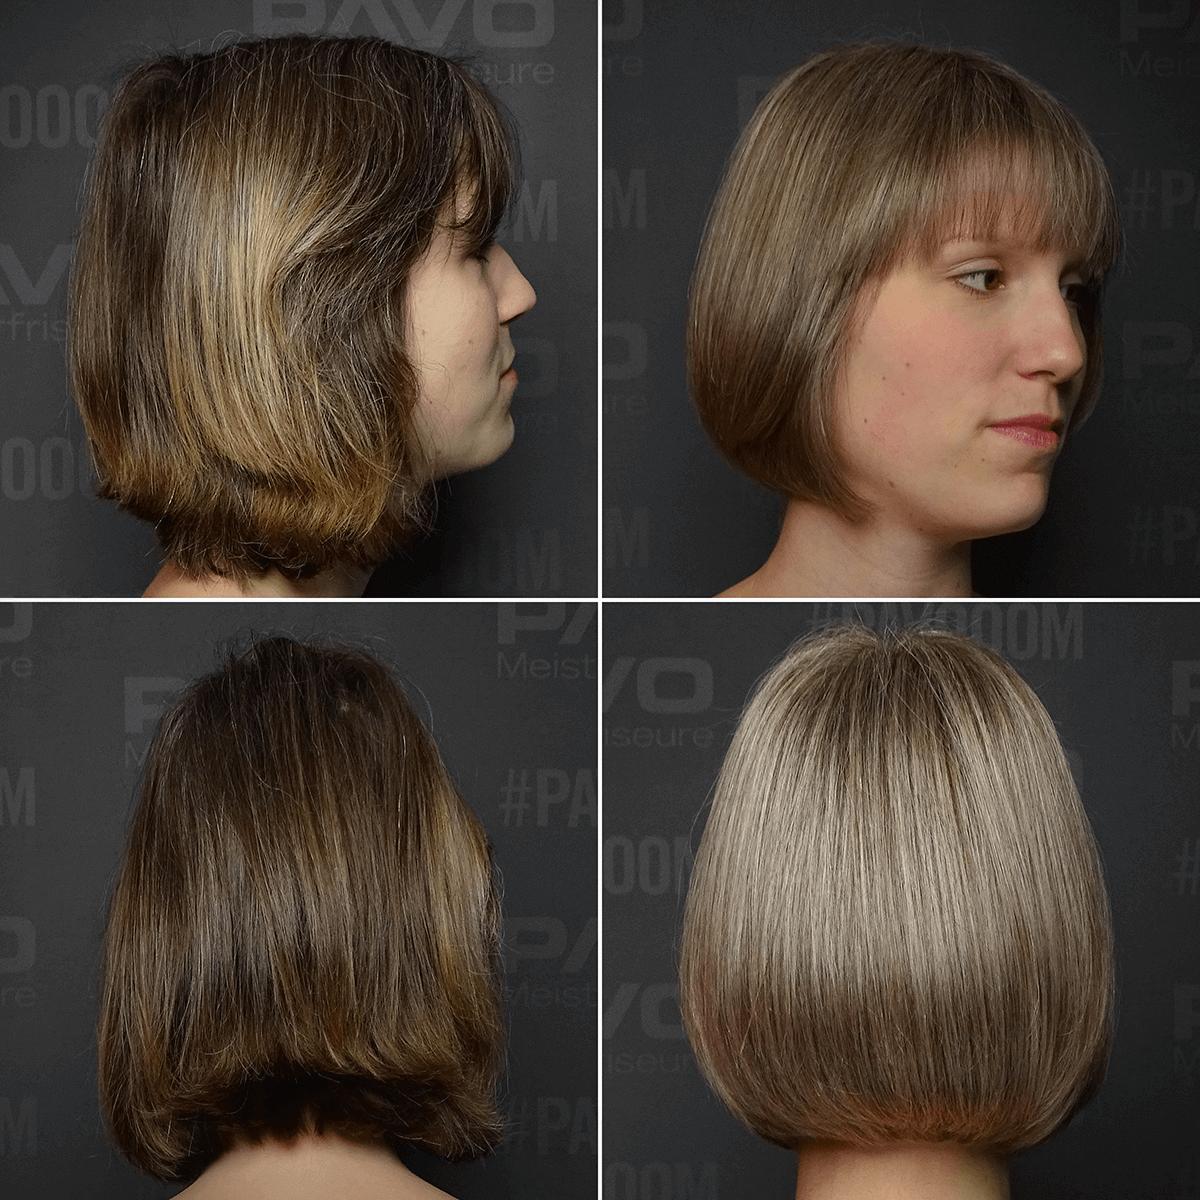 erste graue haare strähnen